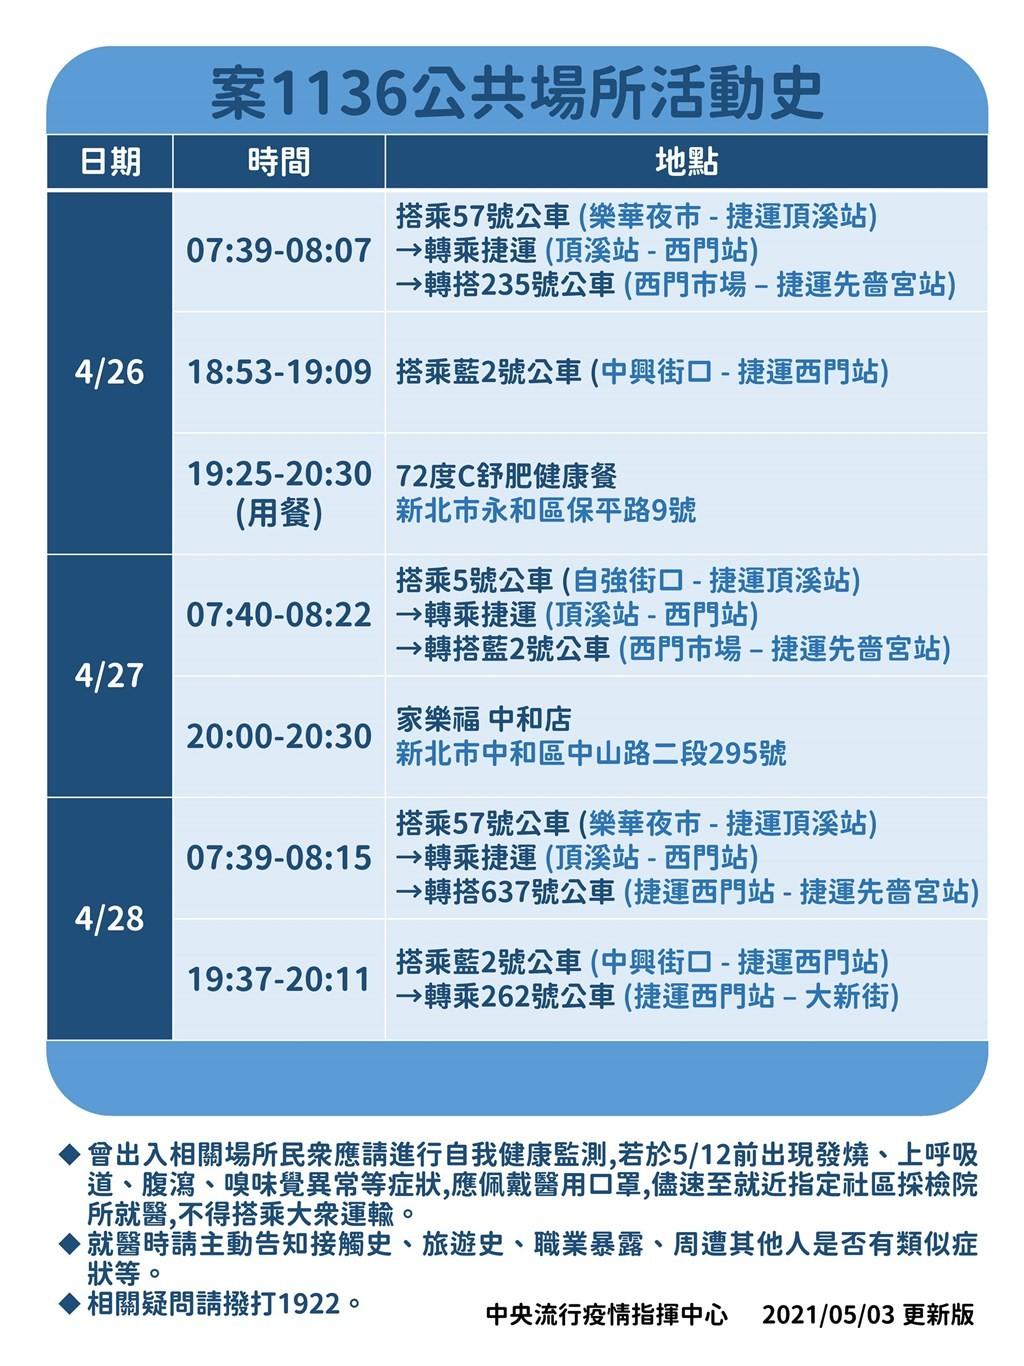 【避免群聚傳染風險】北台灣永和永平國小宣布取消校慶•學生競賽活動分批如常辦理